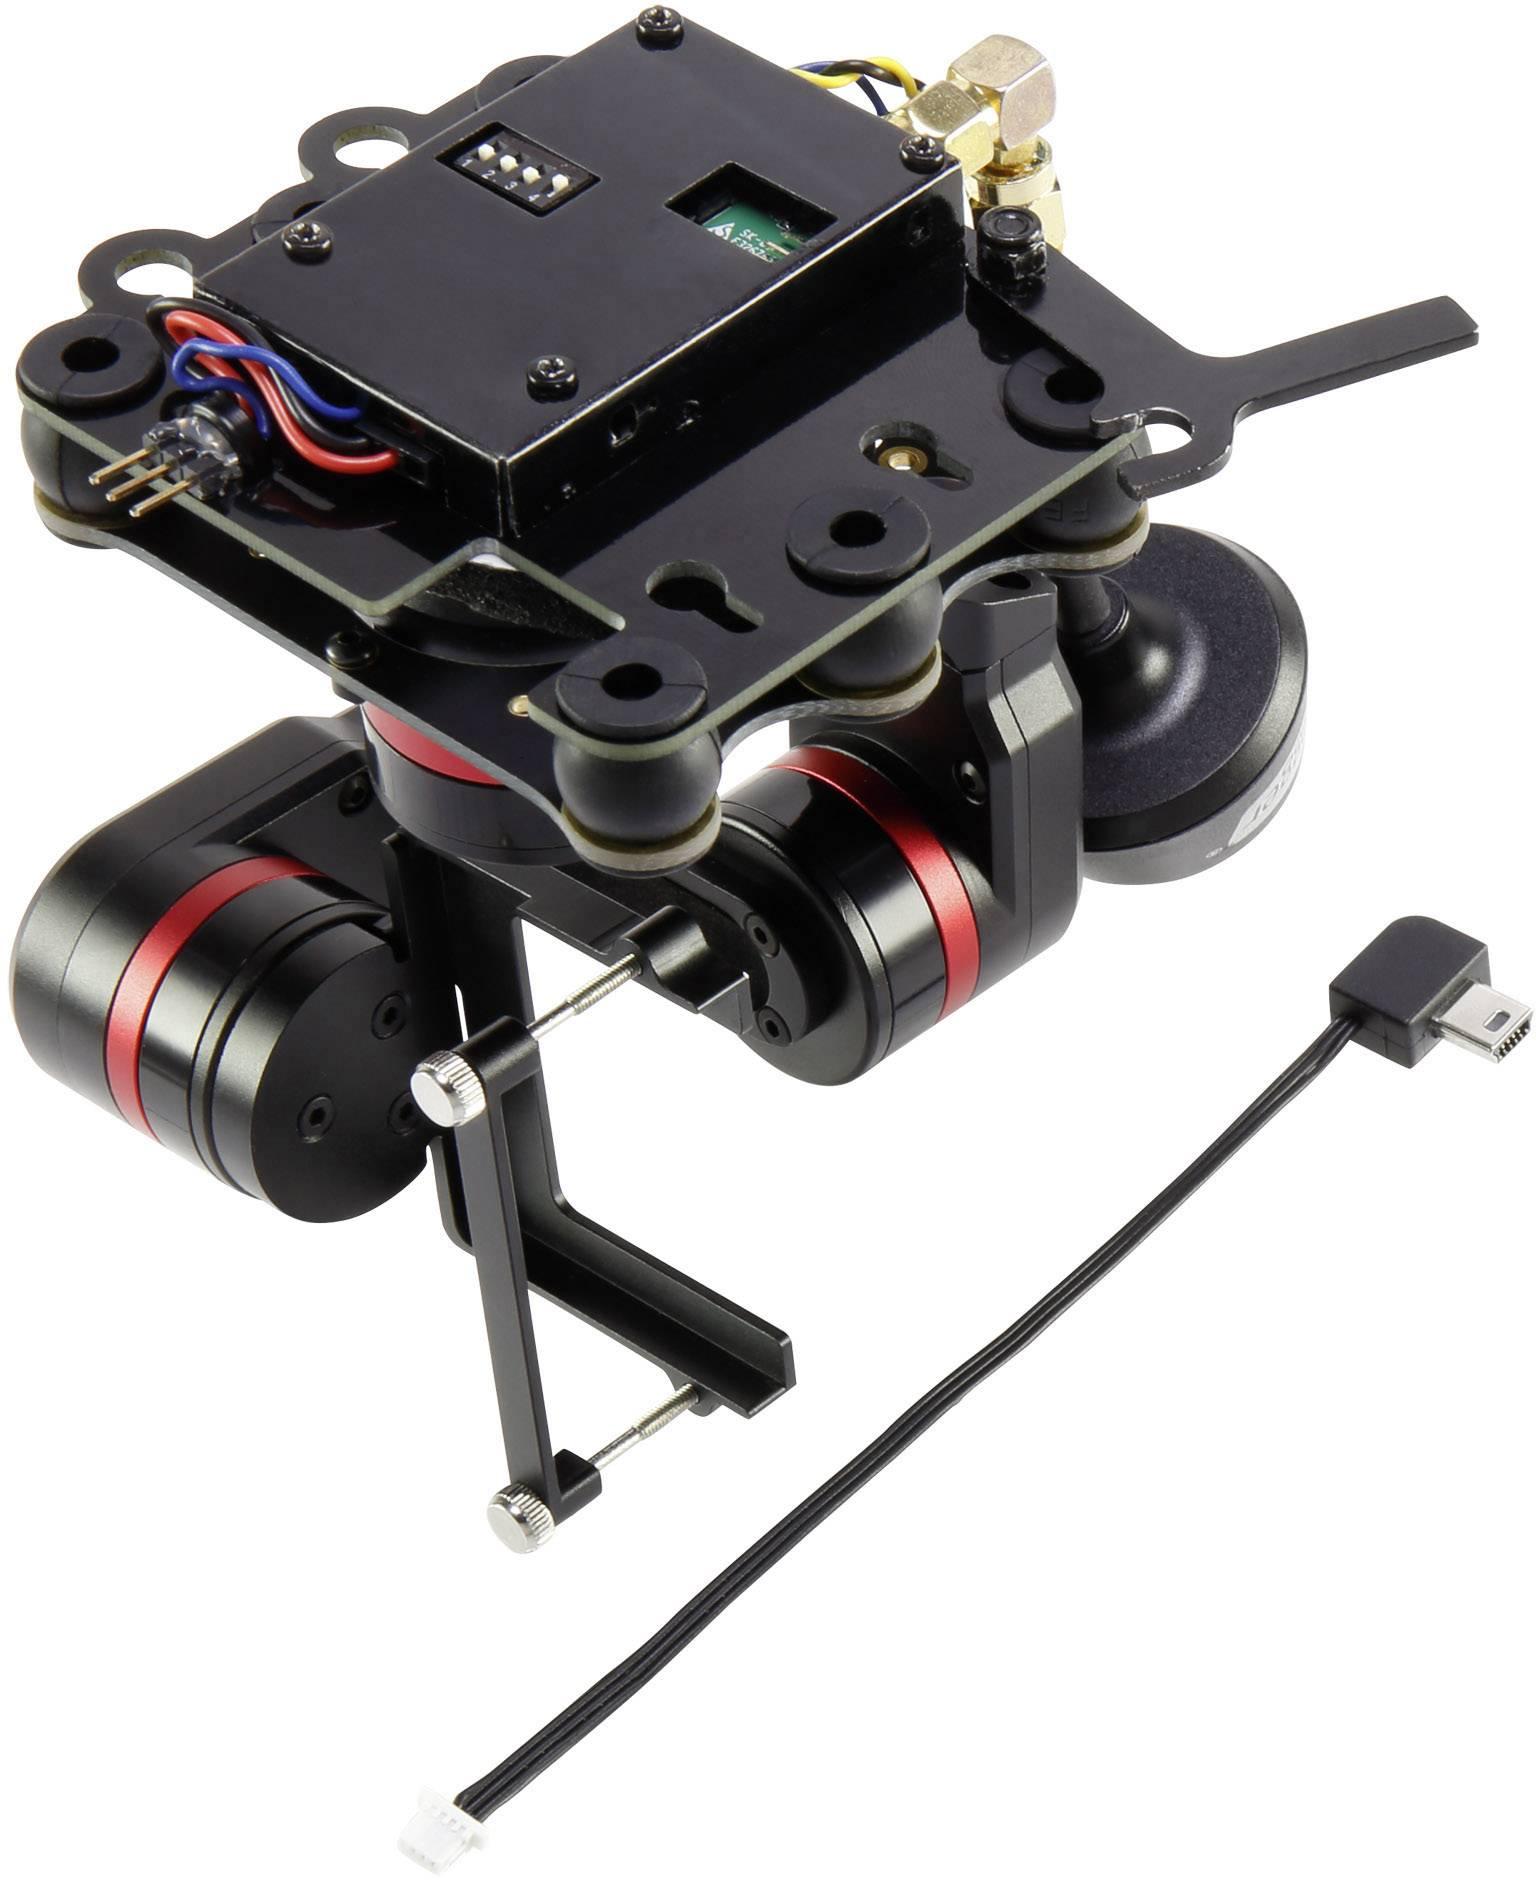 3-osý gimbal (kamerový držák) pro kamery dronu RC Logger X3 Mini 10010RC, vhodné pro RC Logger NovaX 350